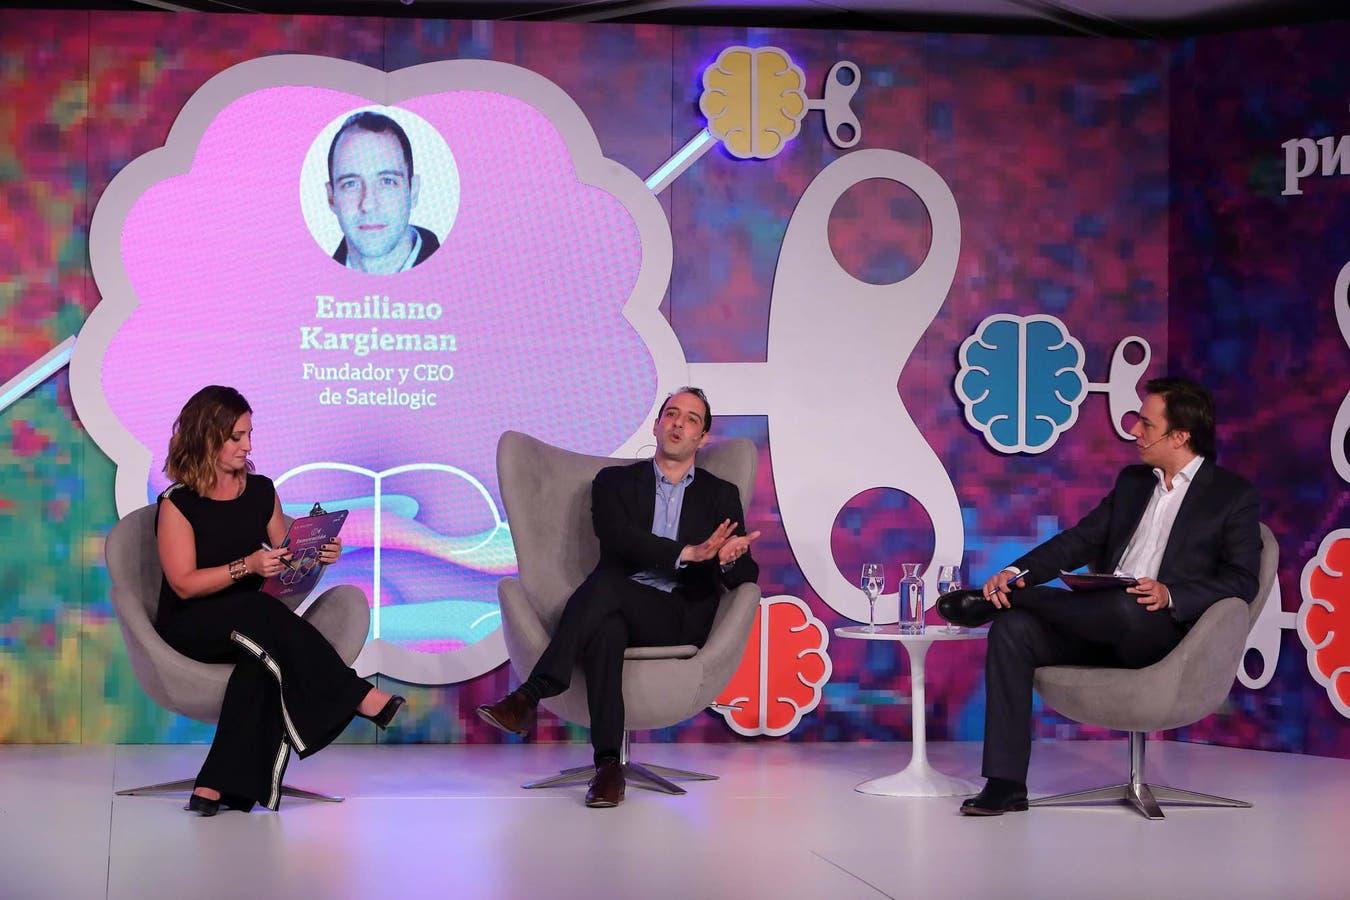 Martina Rua, Emiliano Kargieman y José Del Rio, en una de las charlas durante el evento